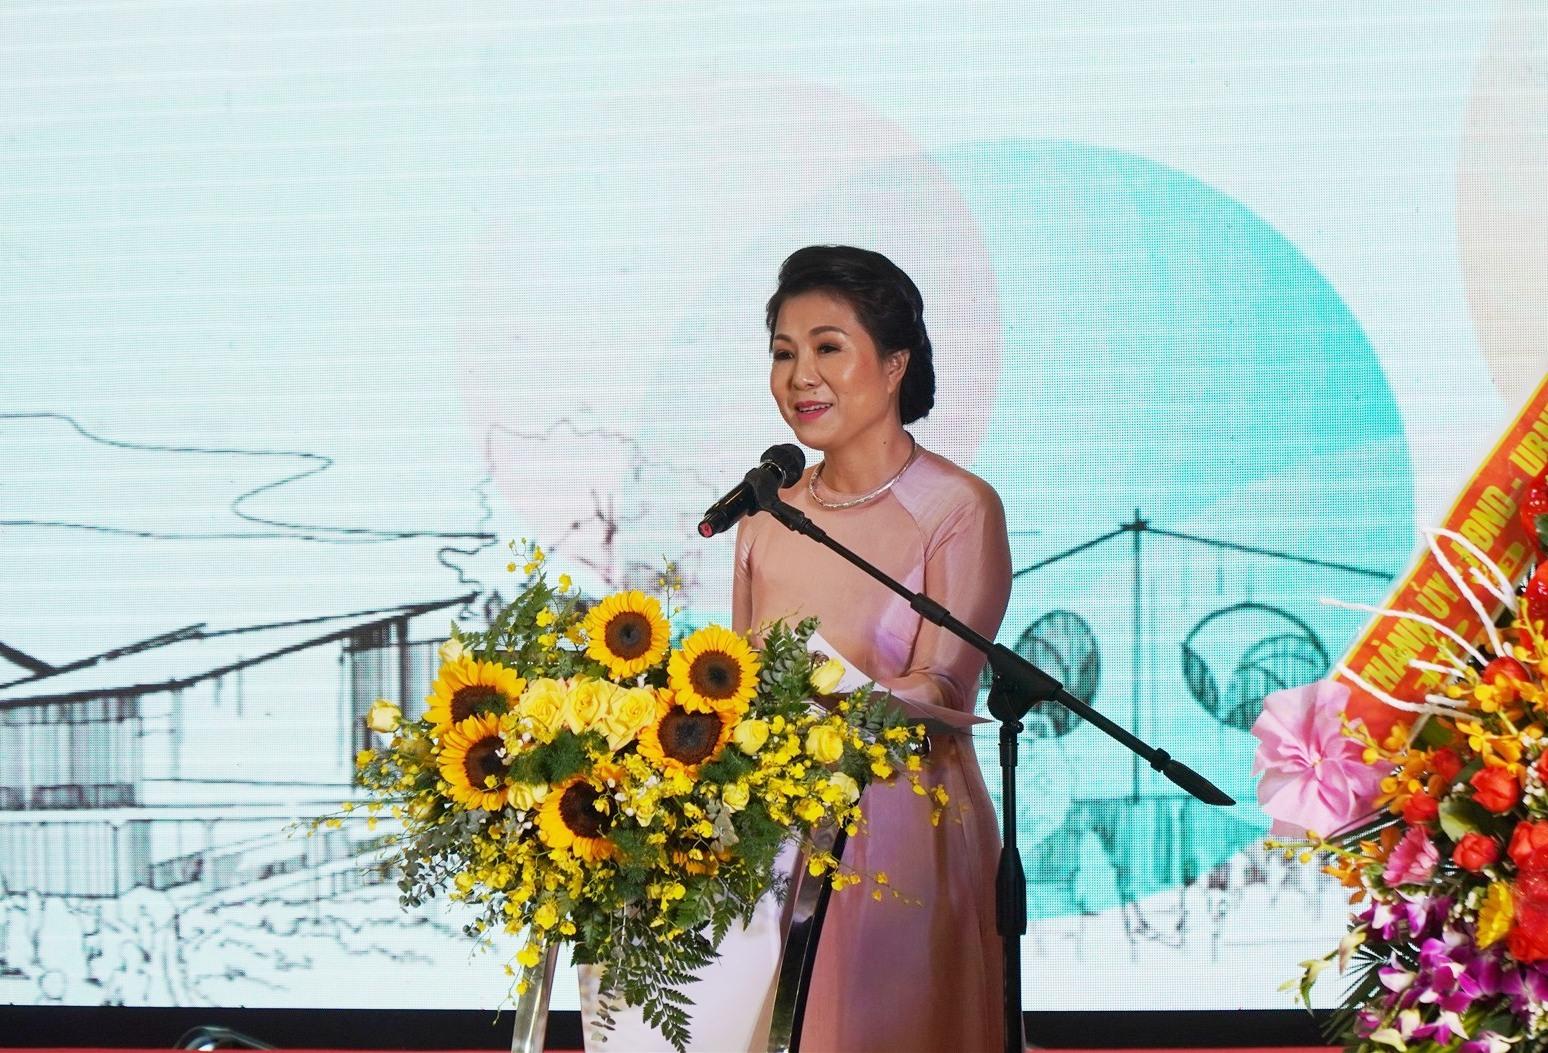 Cô Lê Thị Nam Phương -Chủ tịch HĐQT Hệ thống giáo dục Sky -Line phát biểu tại lễ kỷ niệm 10 năm. Ảnh NTB